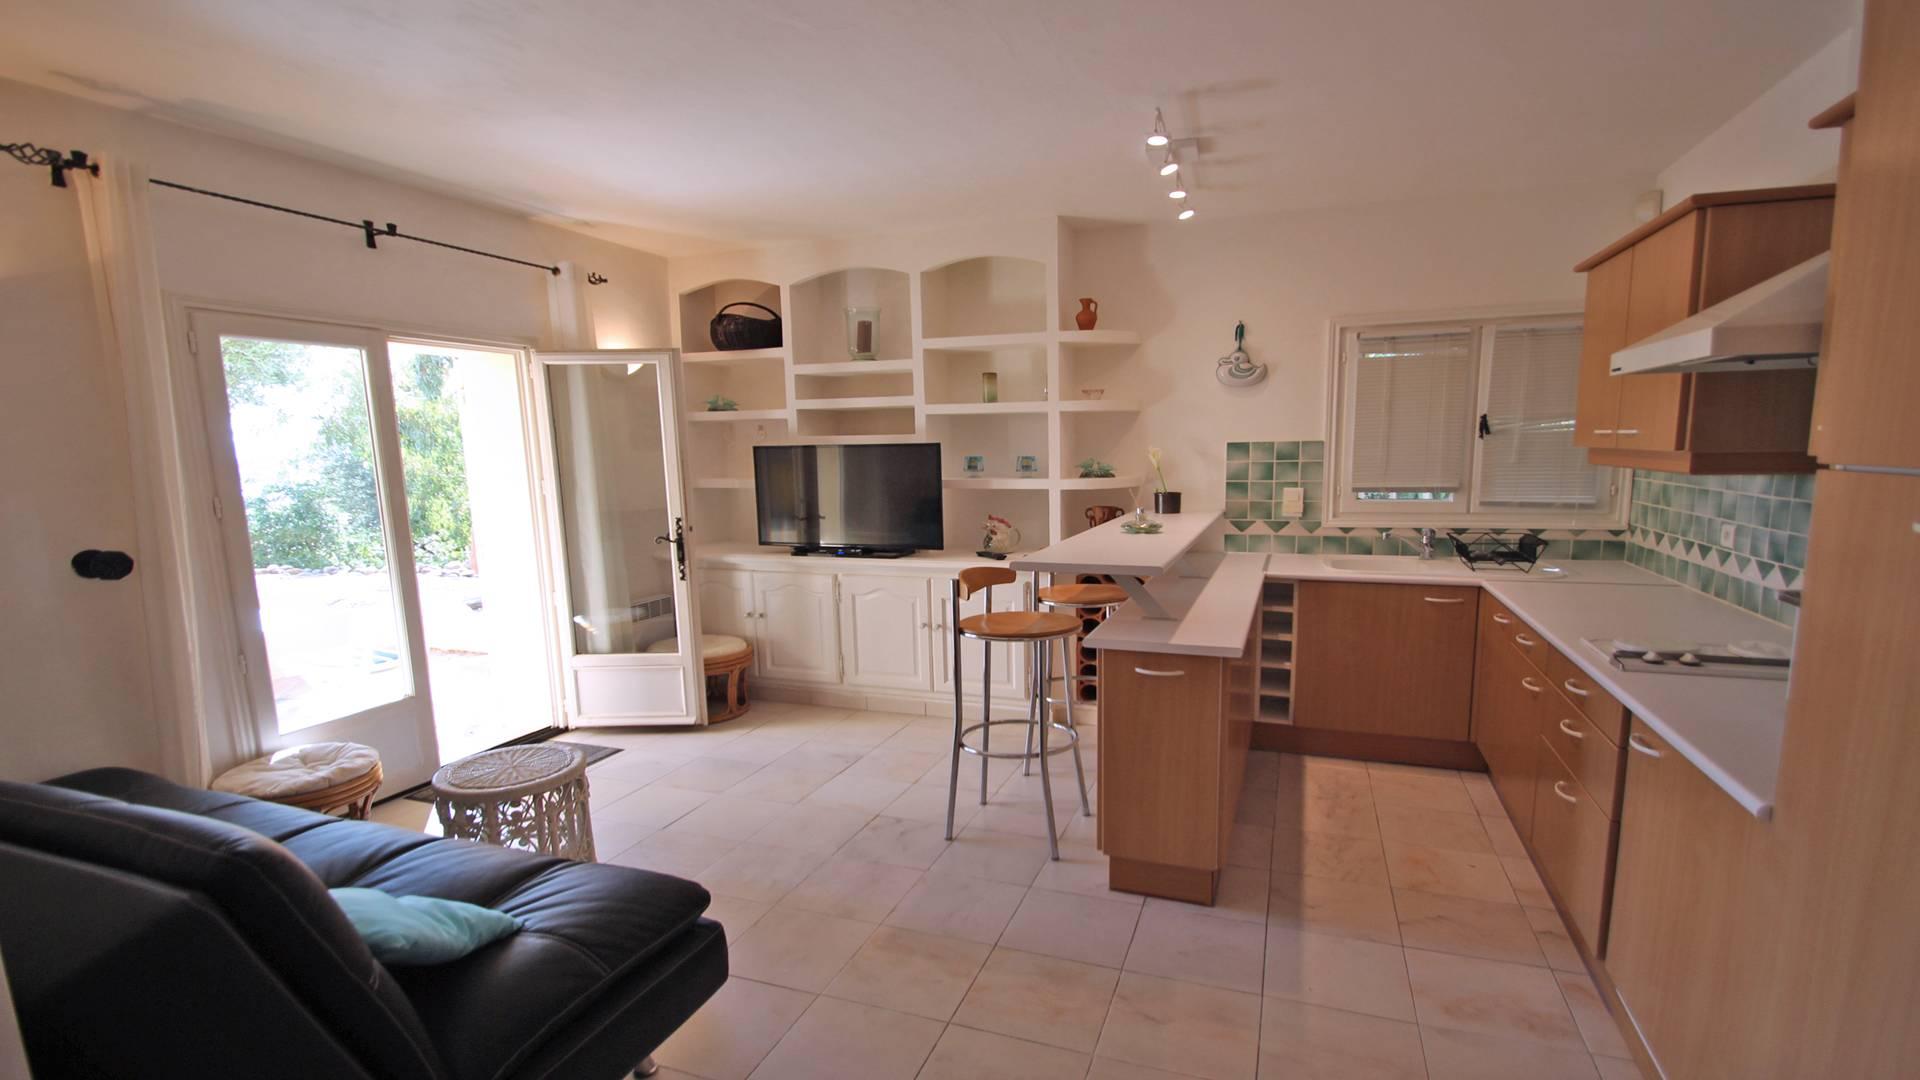 Location Villa Avec Piscine 10 Personnes Ste Maxime 83120 Villa Alinea